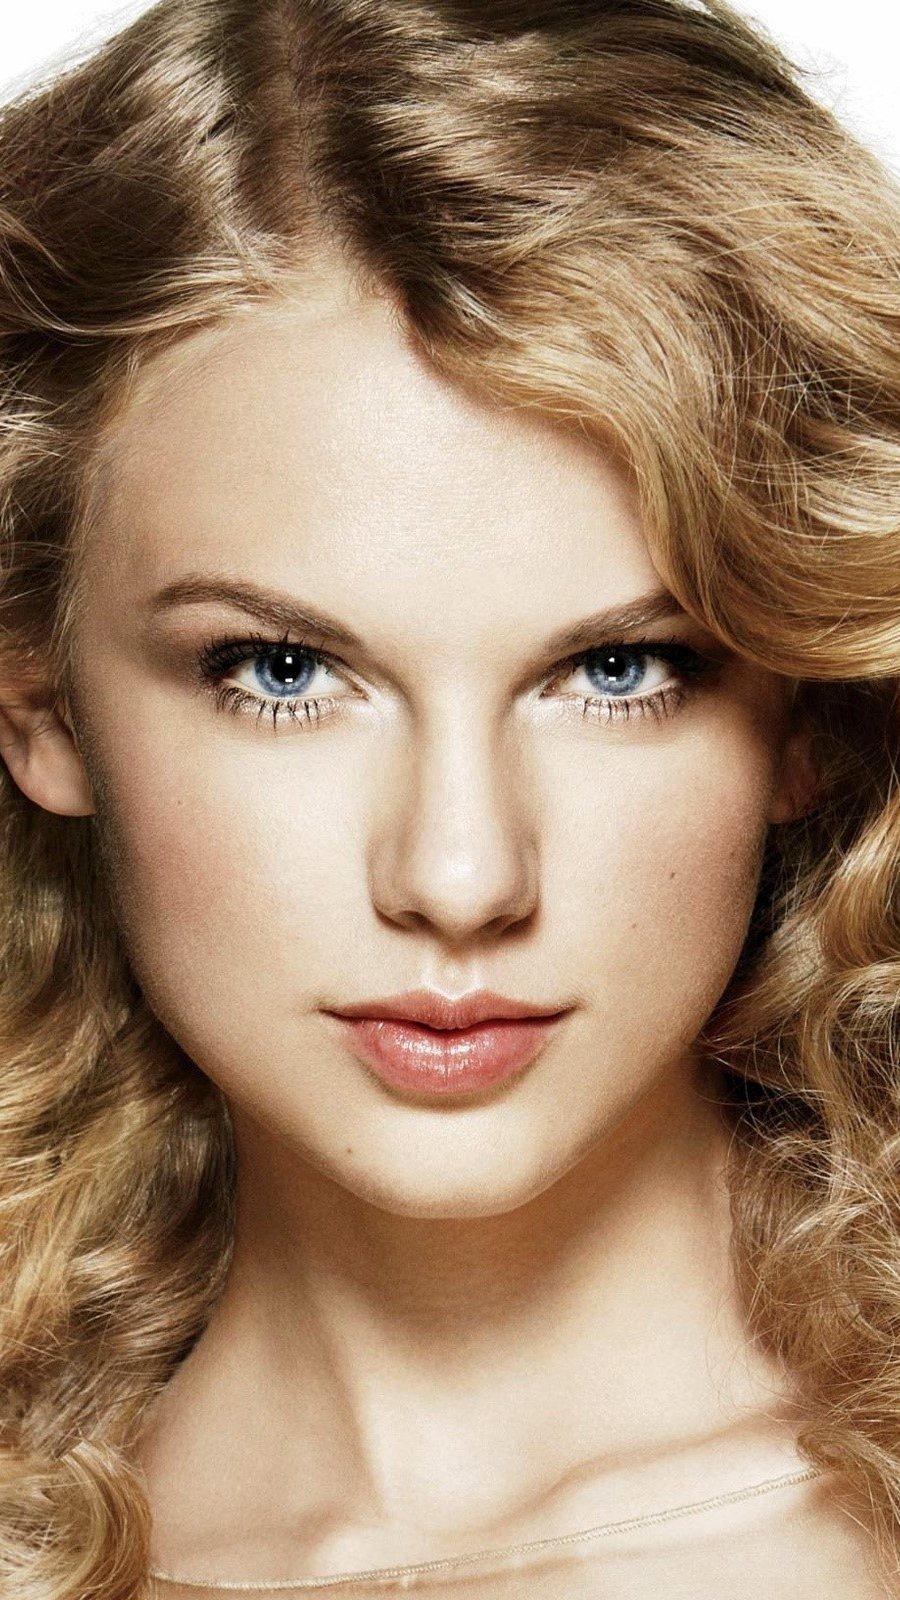 Fondos de pantalla Taylor Swift con rizos Vertical